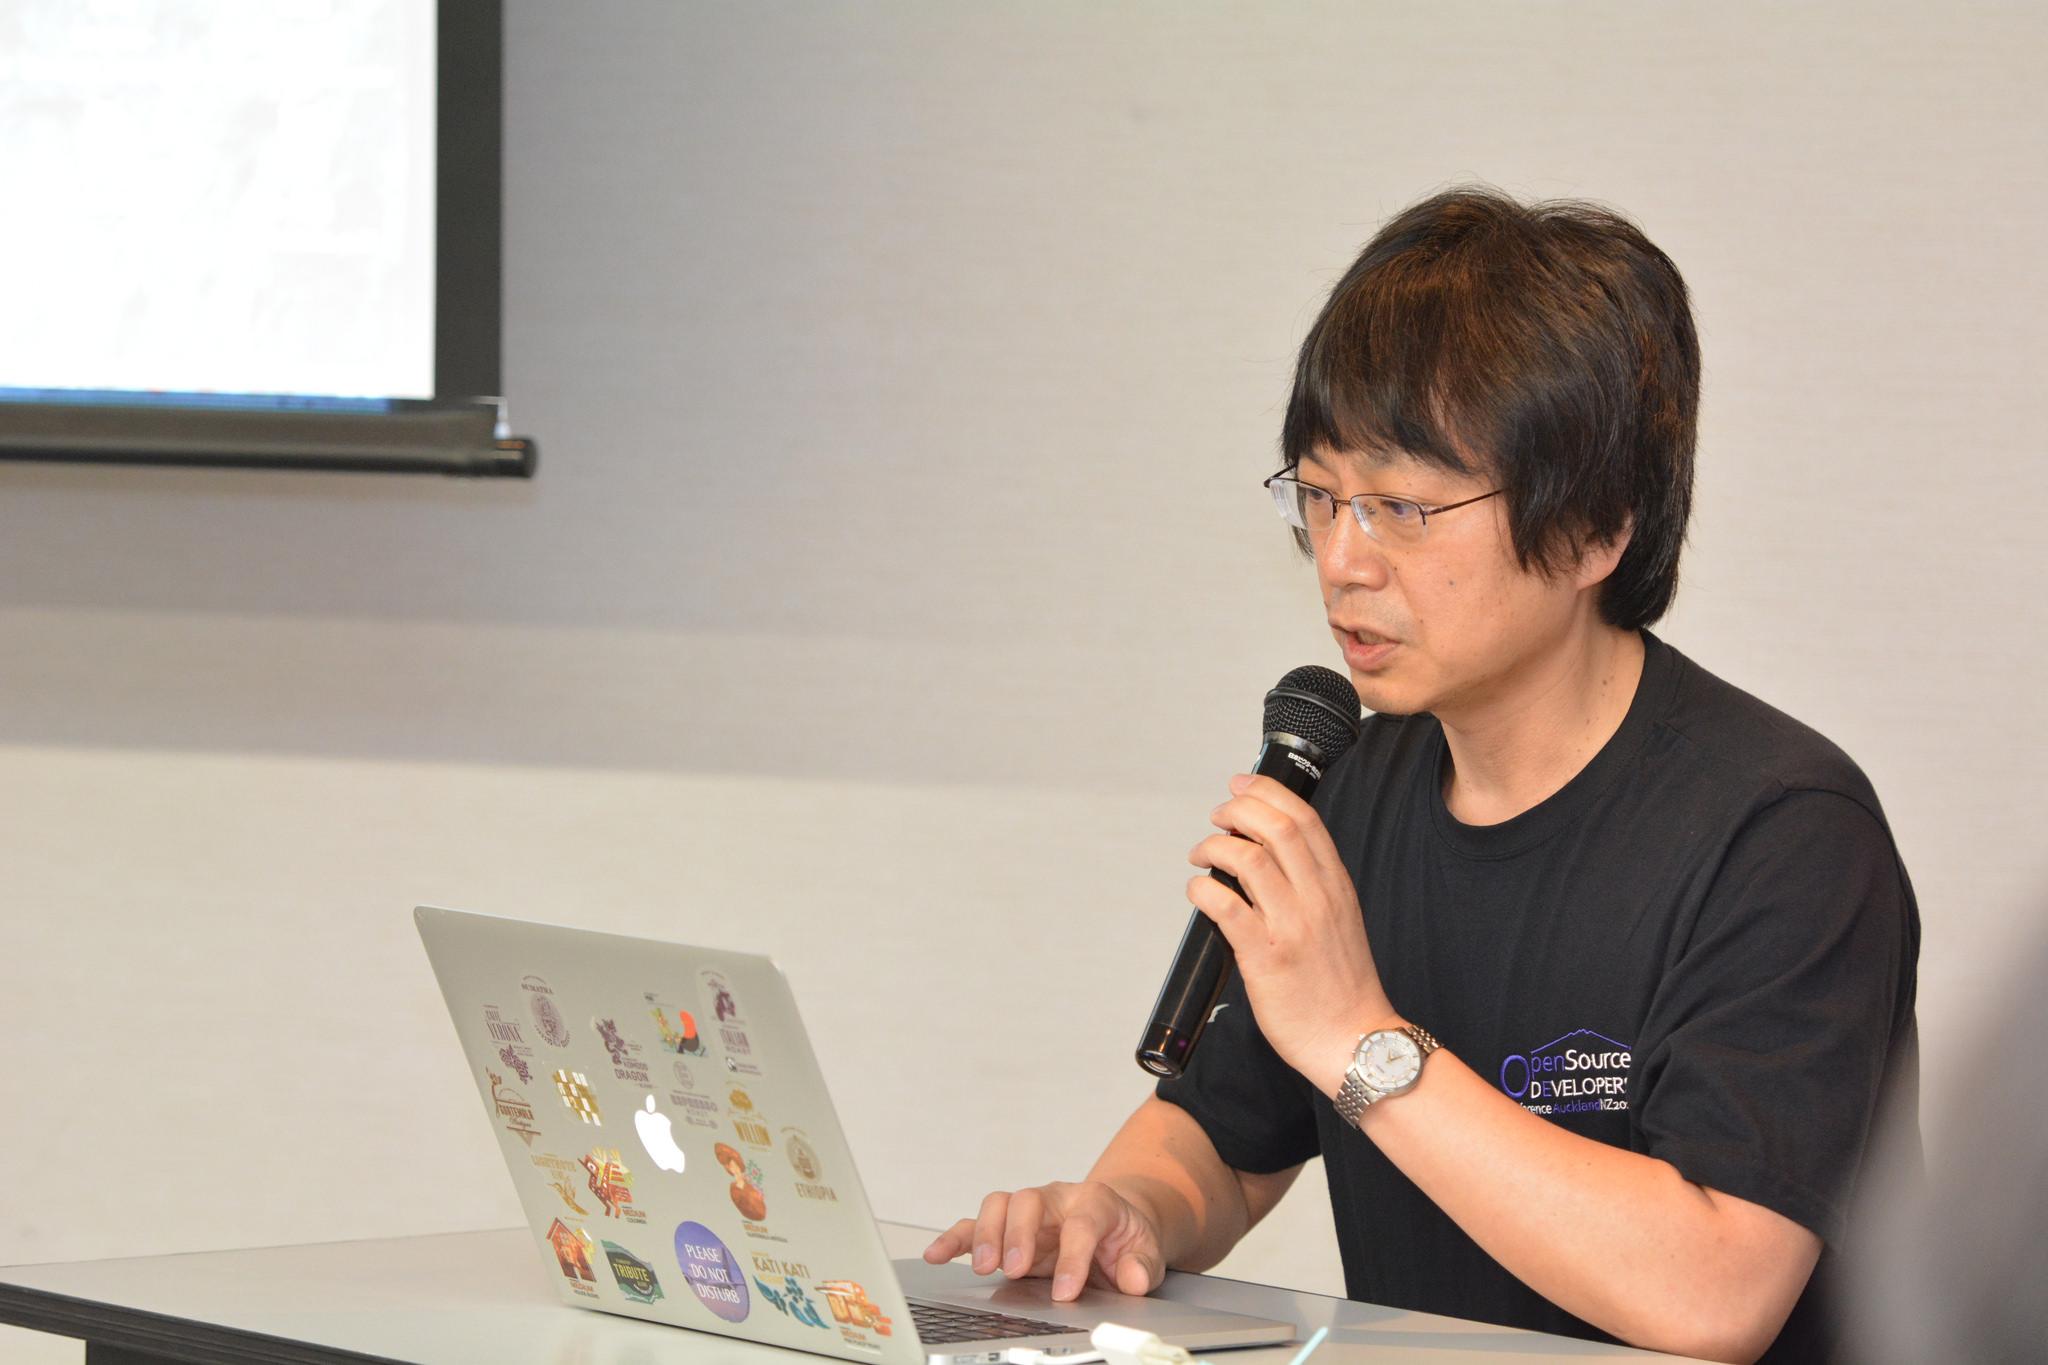 中部大学オープンソース研究会のセミナーの様子